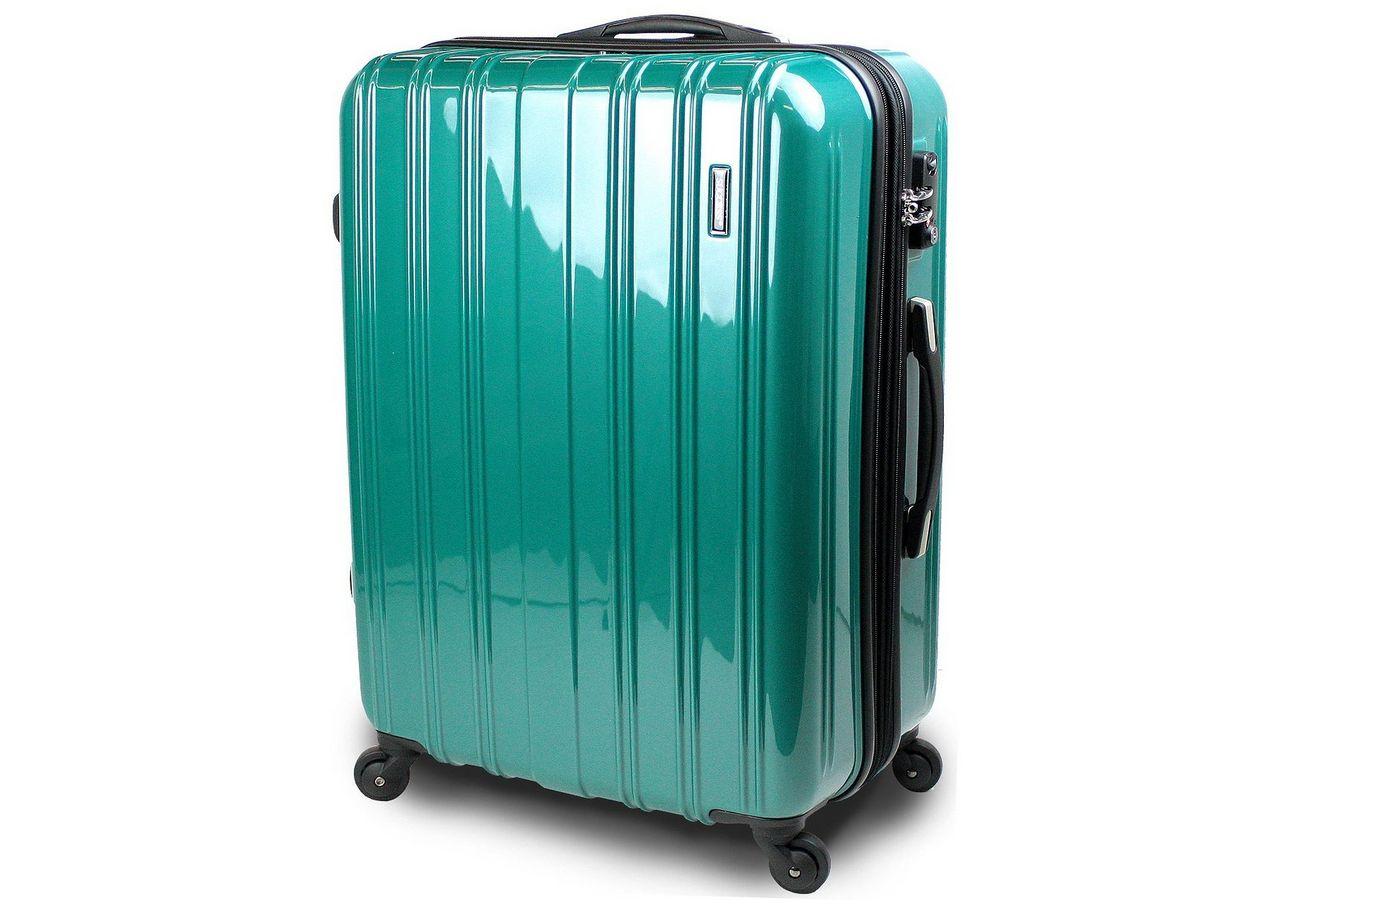 ce84e2a7ca スーツケースを購入する前にチェックするべきこと【チェック13項目 ...